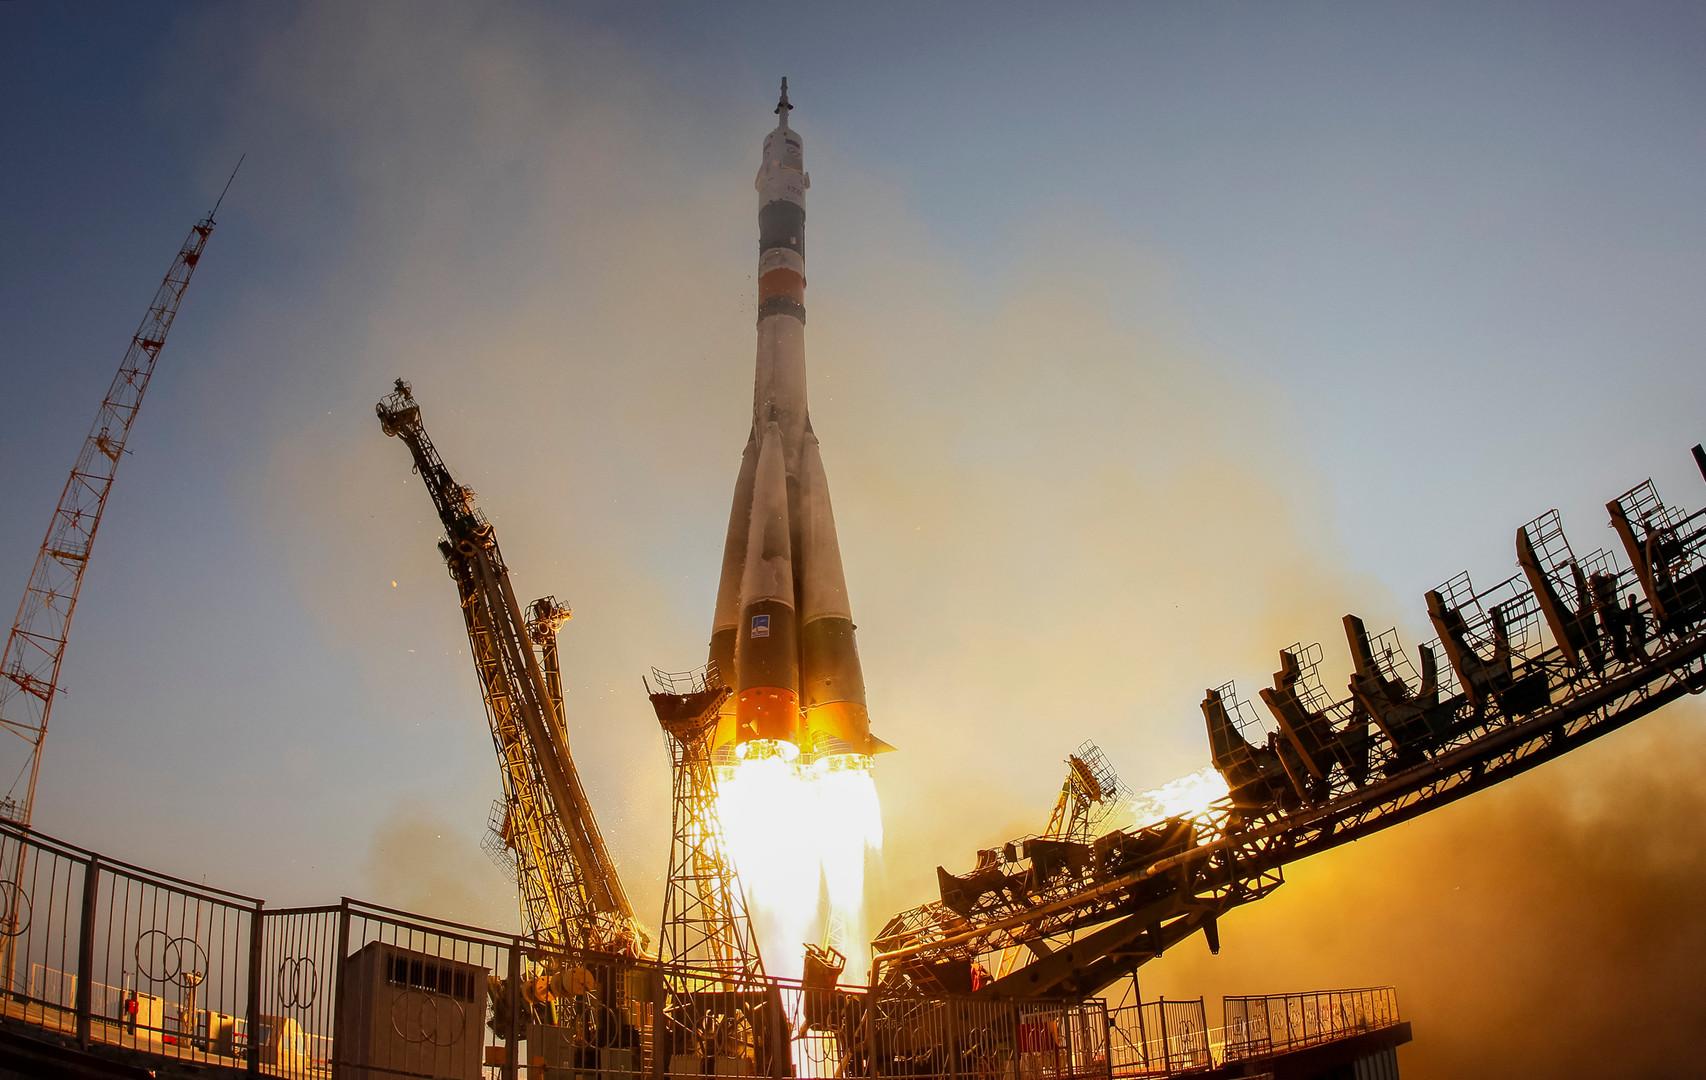 «Союз МС» на стартовой площадке Байконура. Космический корабль нового поколения доставил представителя Роскосмоса Анатолия Иванишина, астронавта JAXA Такуя Ониши и астронавтку NASA Кэтлин Рубинс на МКС.